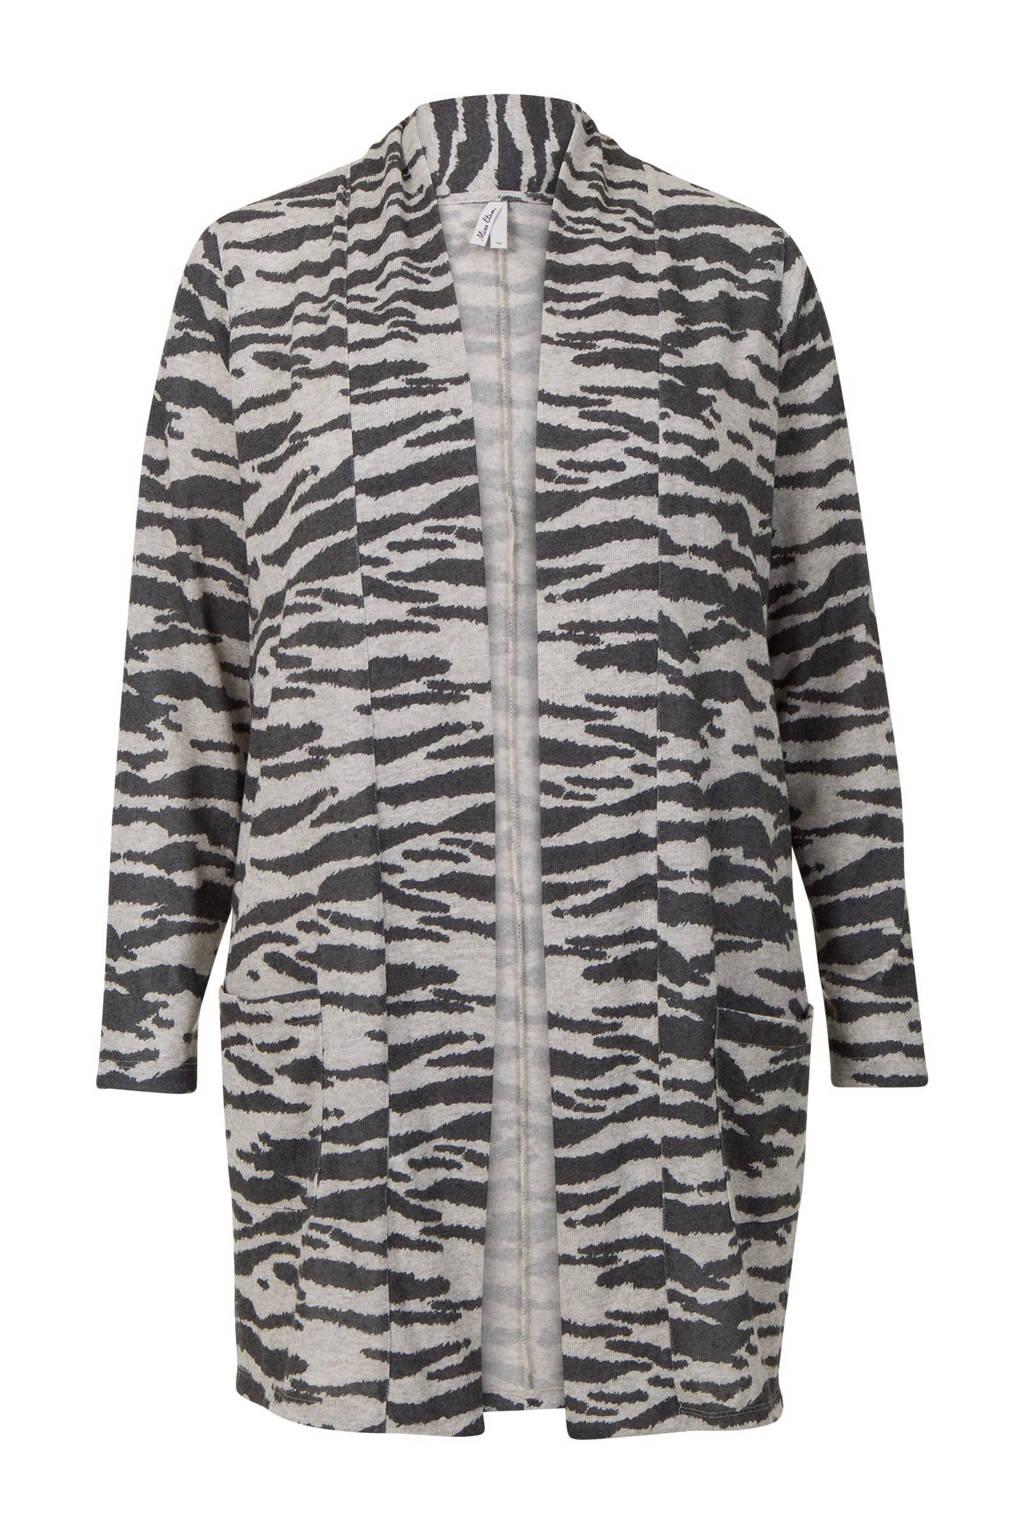 Miss Etam Plus vest met zebraprint, Zwart/wit